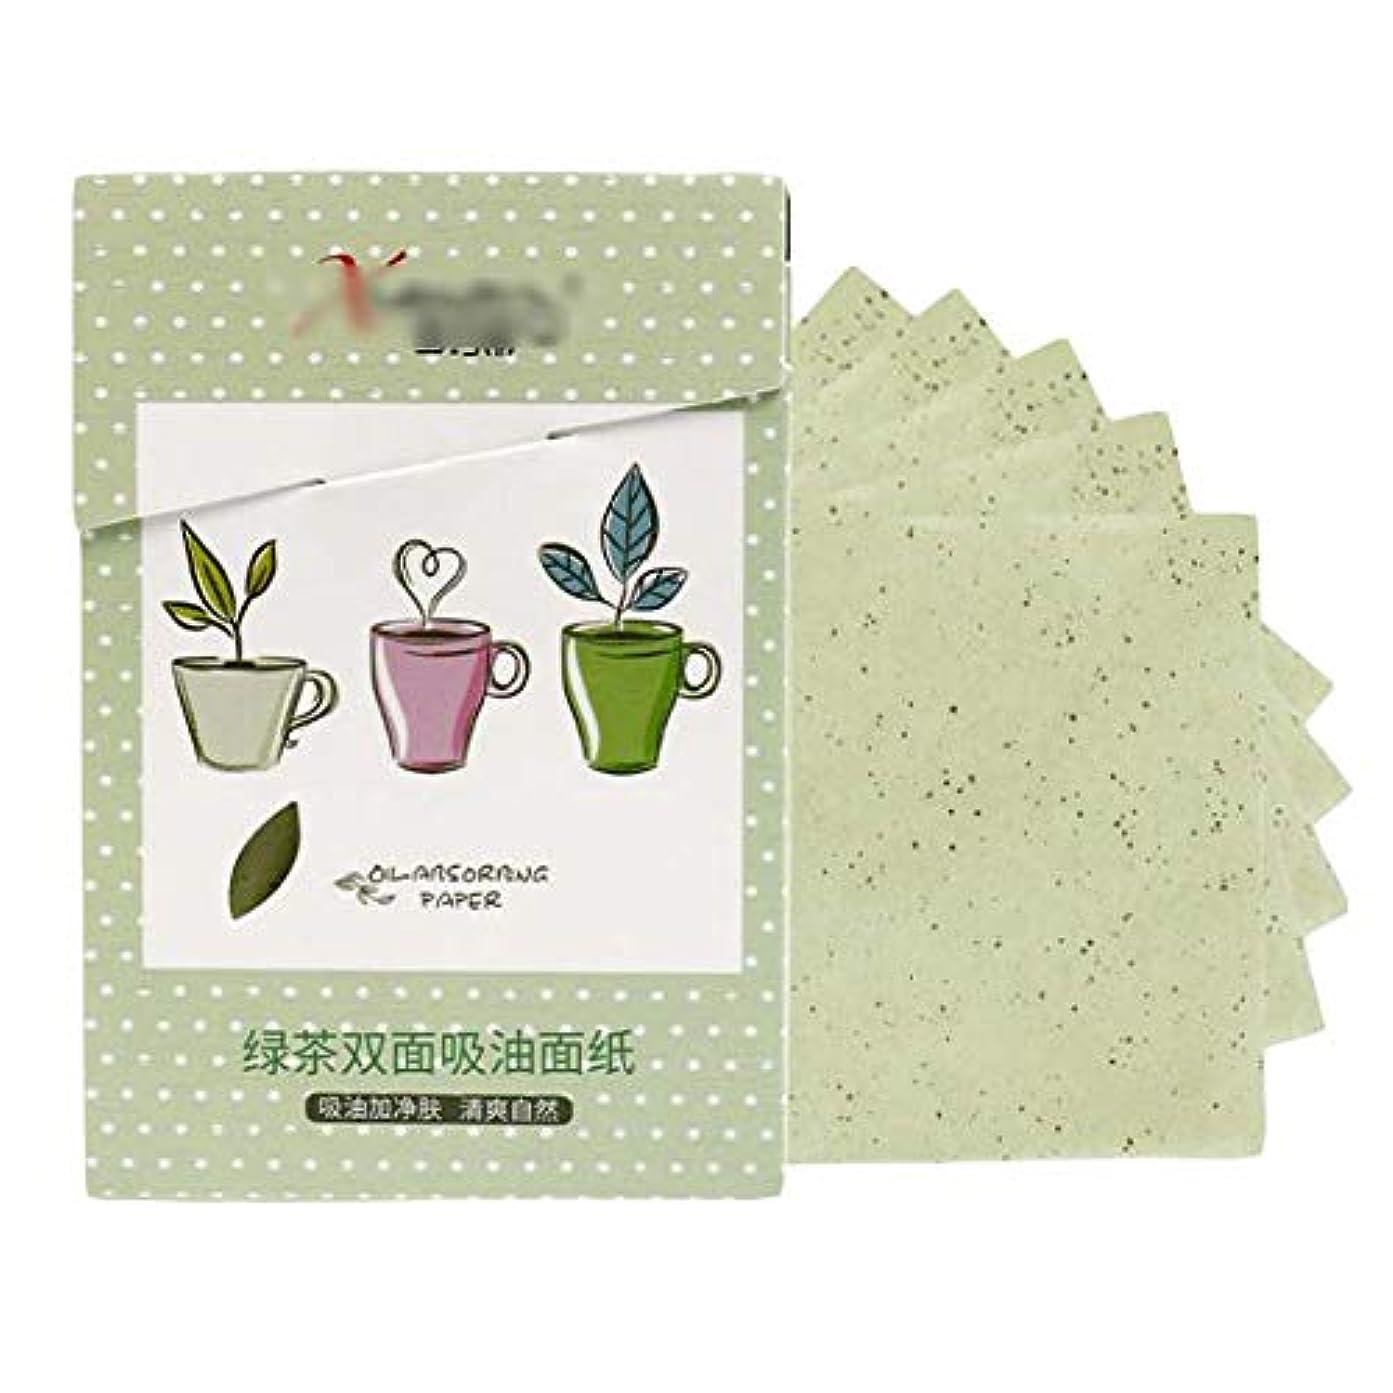 キャッチダメージ資格情報緑茶オイルブロッティングティッシュフェイスオイル吸収紙、200枚